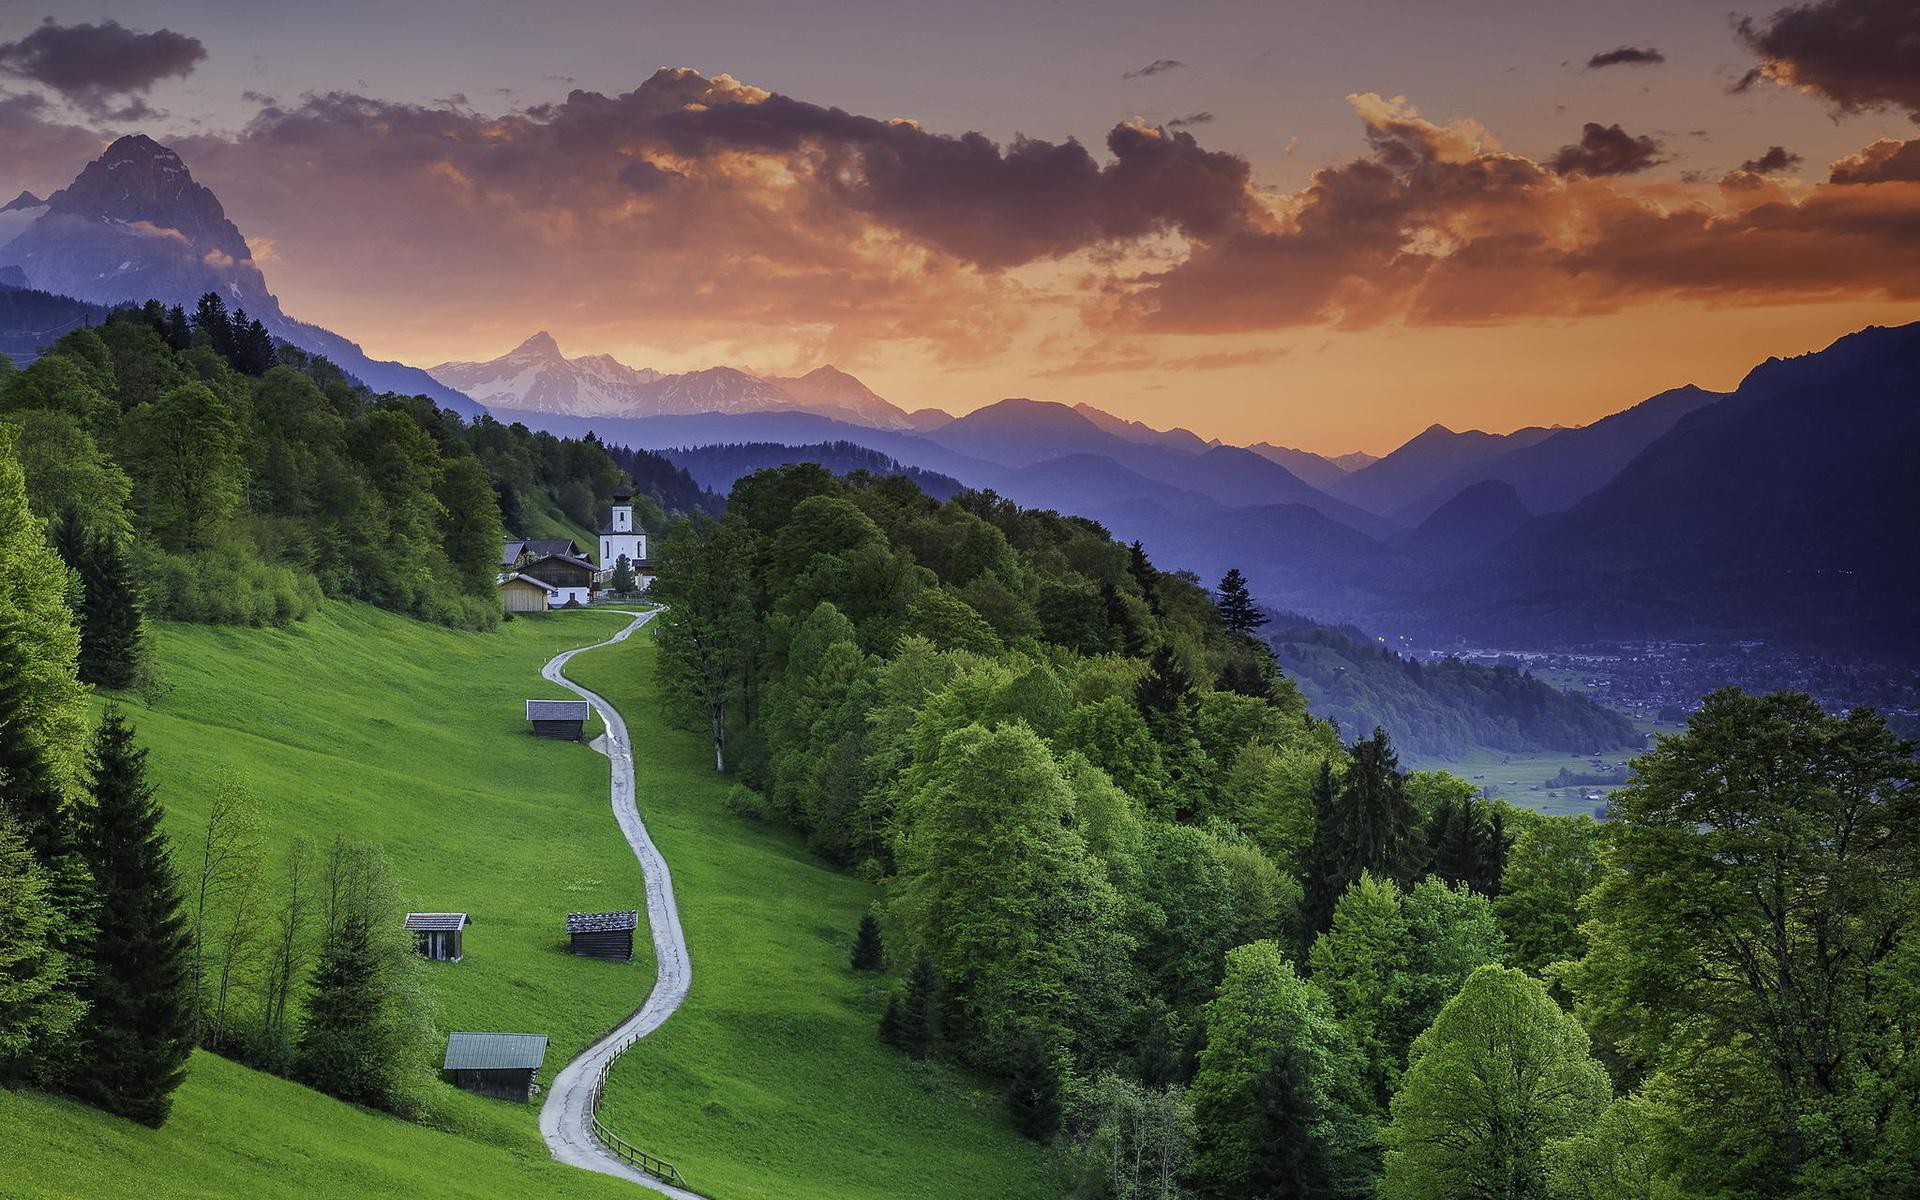 гармиш-партенкирхен, bavaria, германия, горы, лес, долина, церковь, закат, путь, трава, дерево